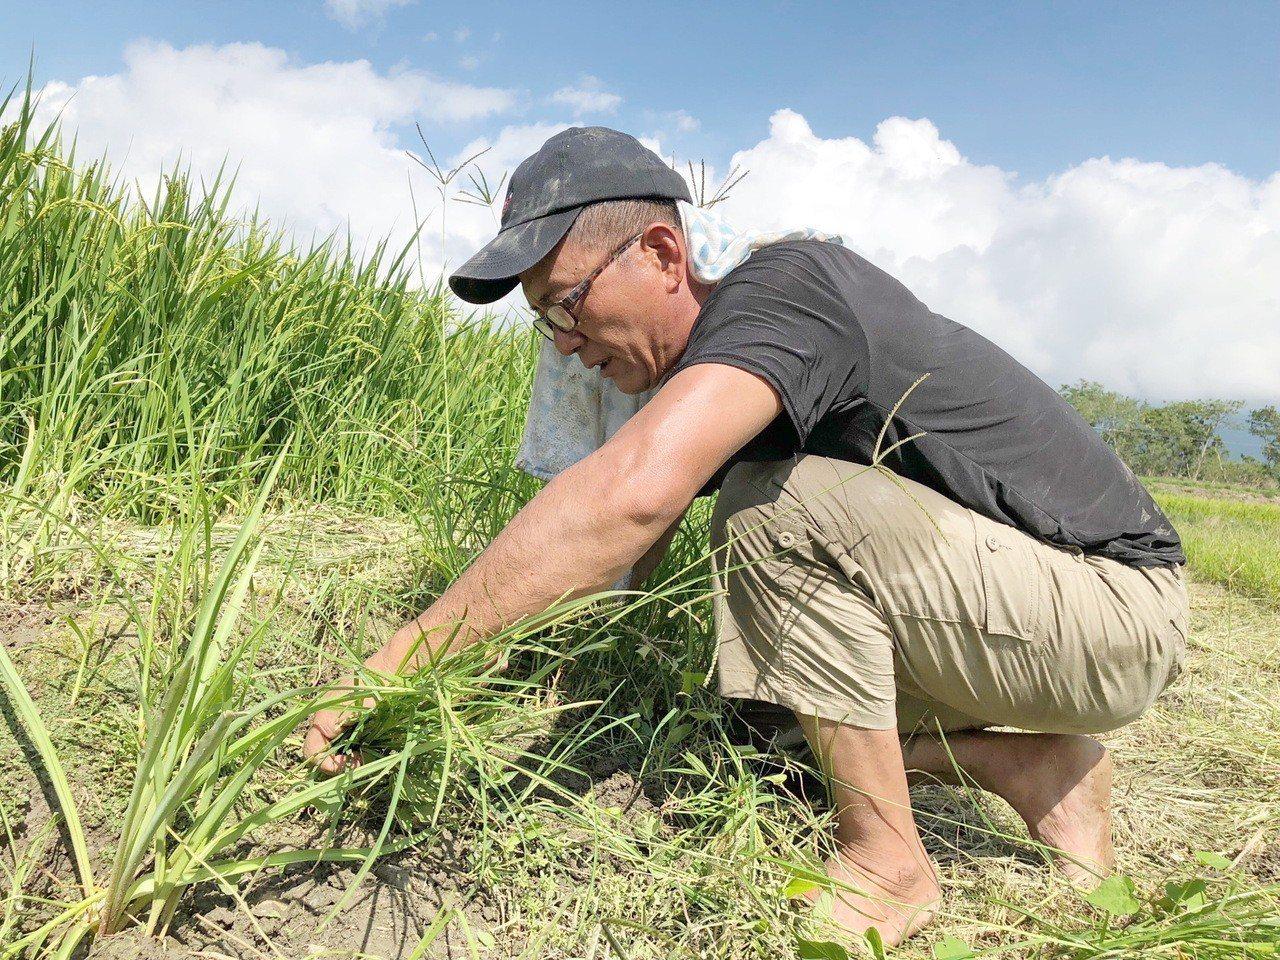 許宴國揮汗在晚香玉花田間整理植株。圖/許宴國提供